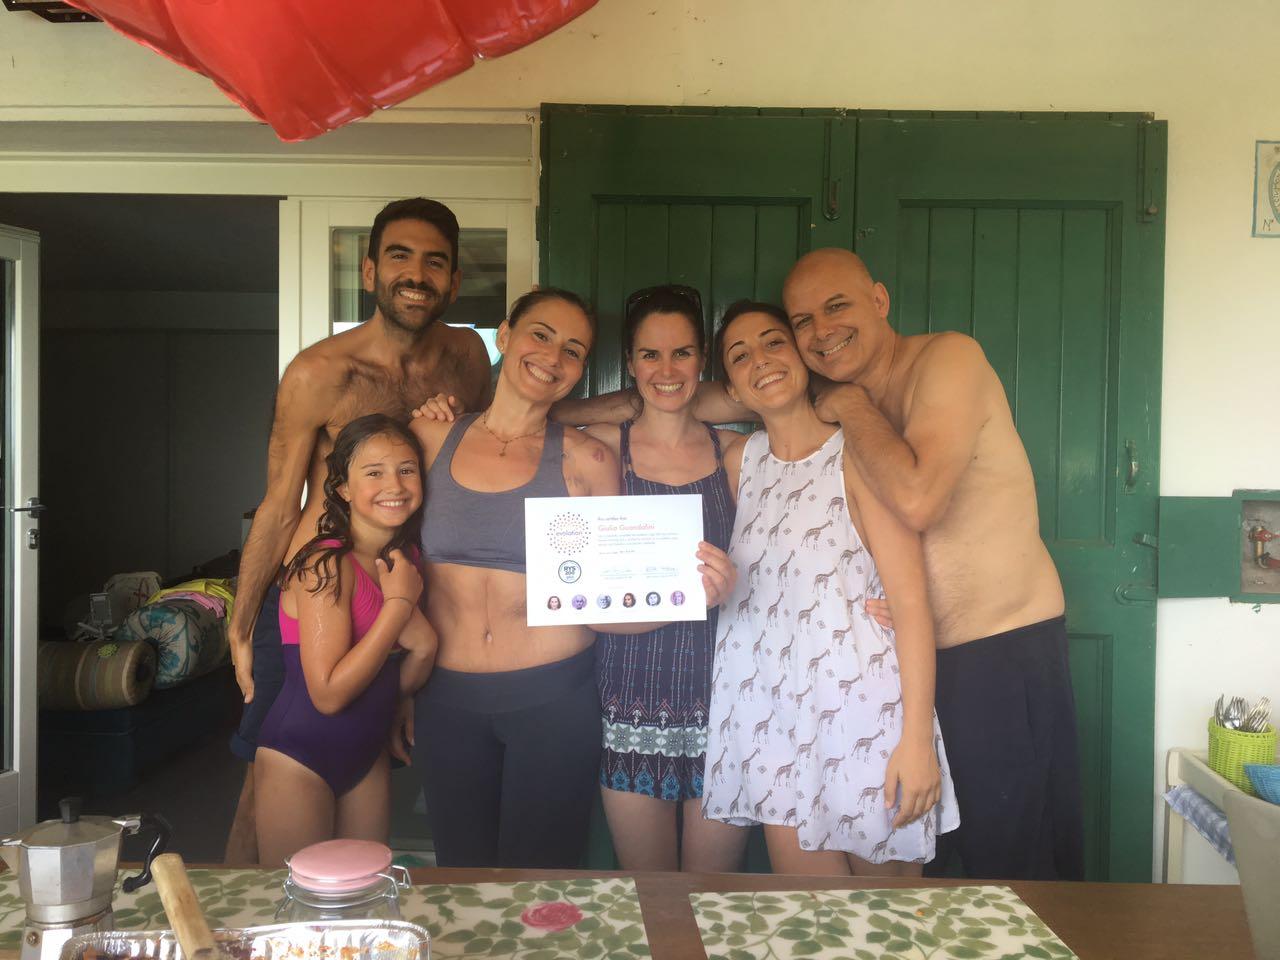 500hr-yoga-teacher-training-bologna-italy-graduates.jpg